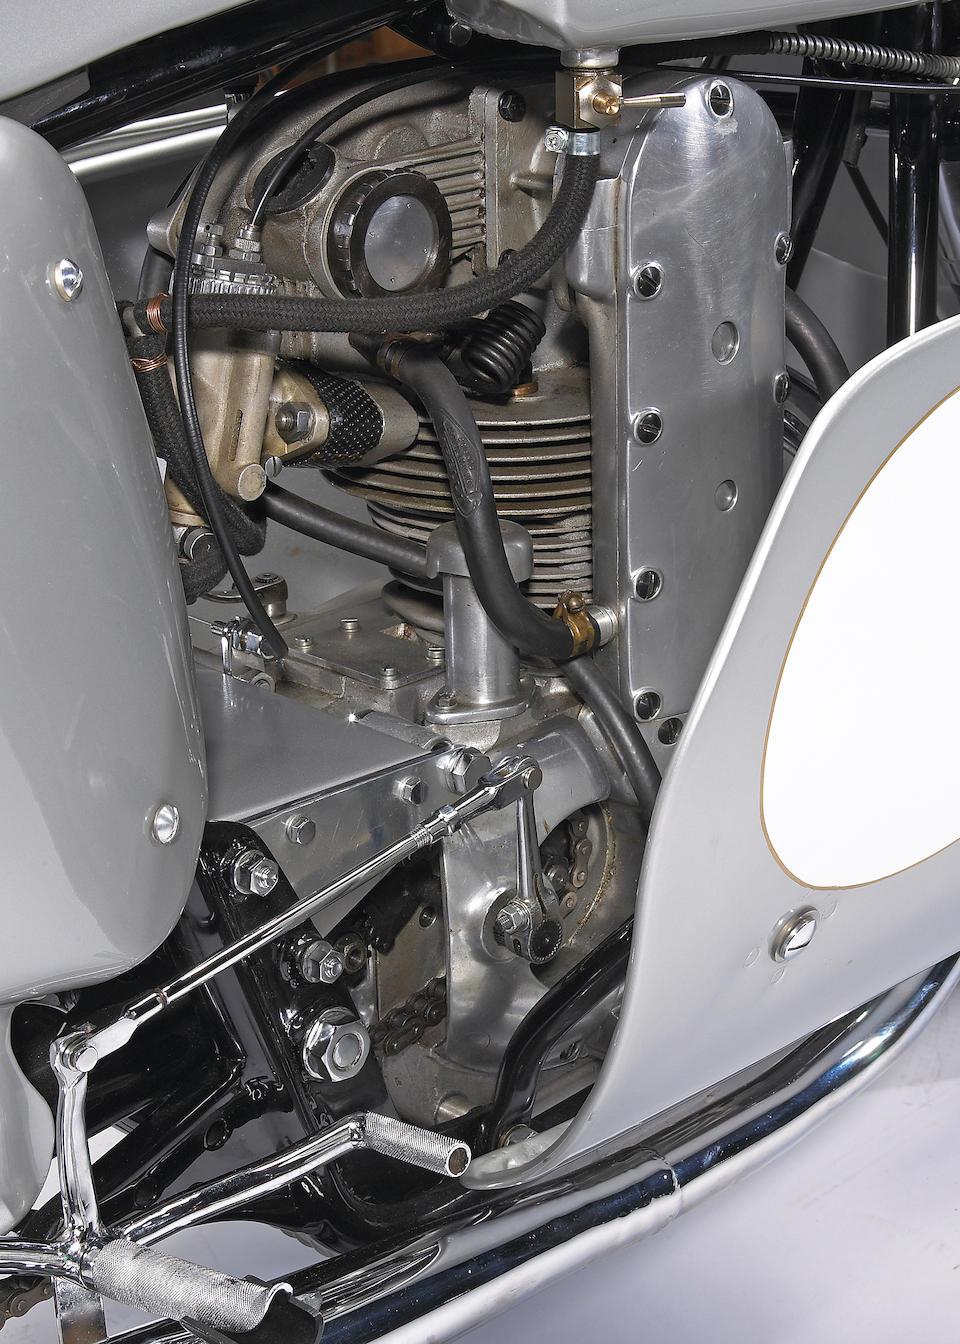 1957 Mondial 125cc Grand Prix DOHC 'Dustbin' Engine no. 106